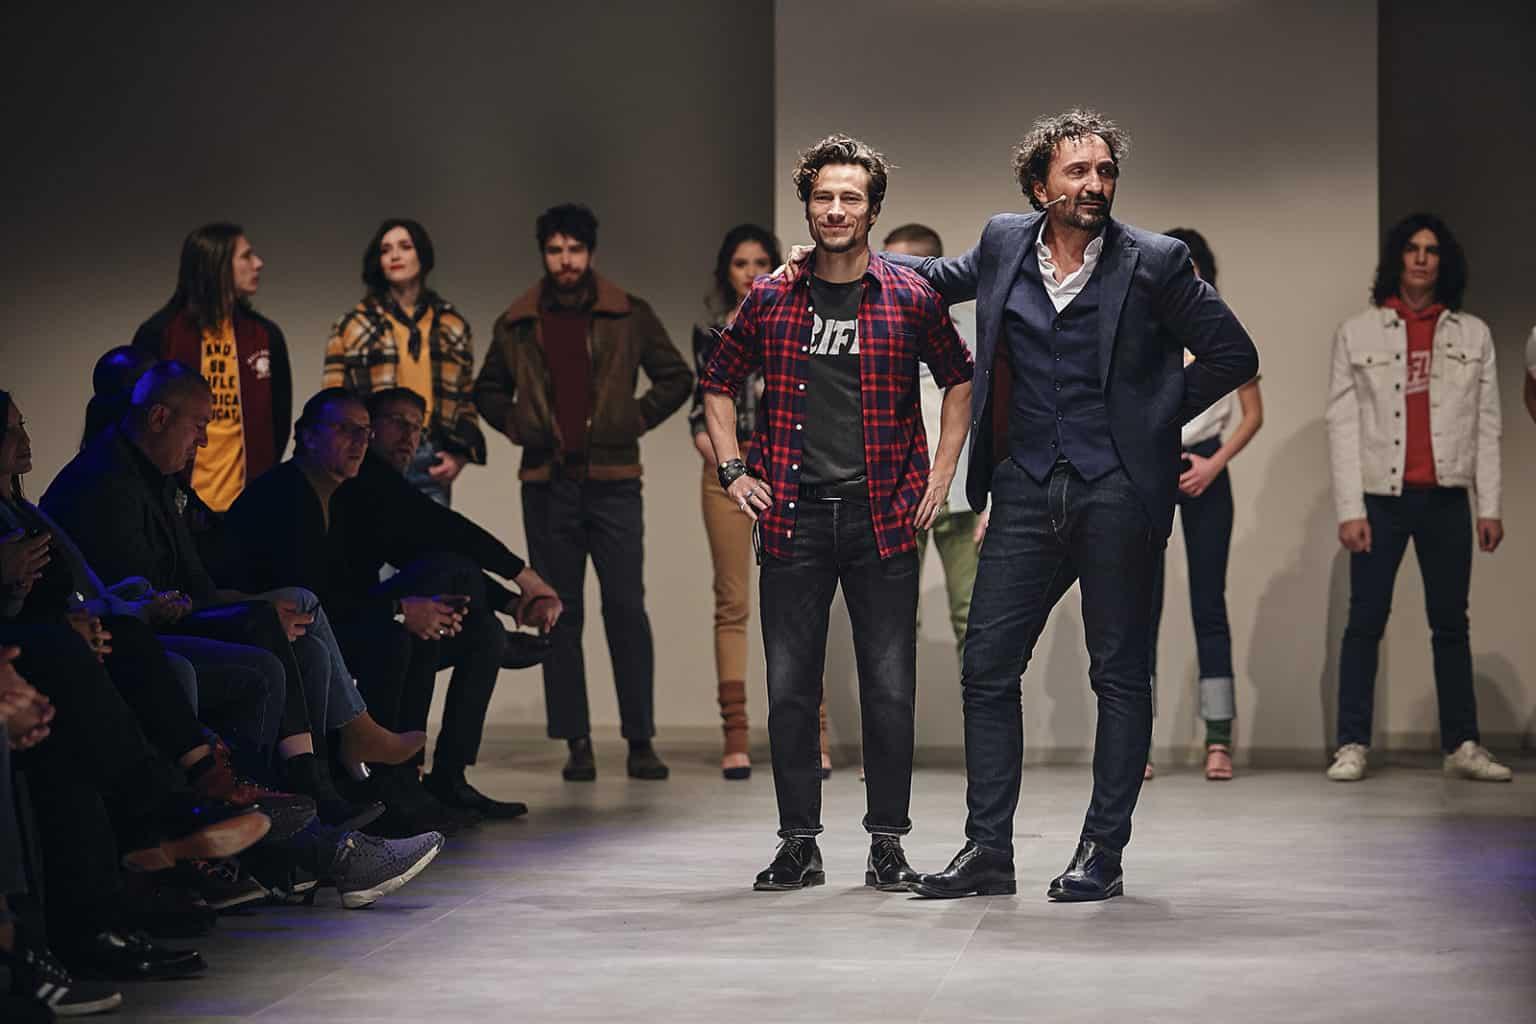 Fotografo sfilata di moda backstage reportage denim moda uomo donna 2019